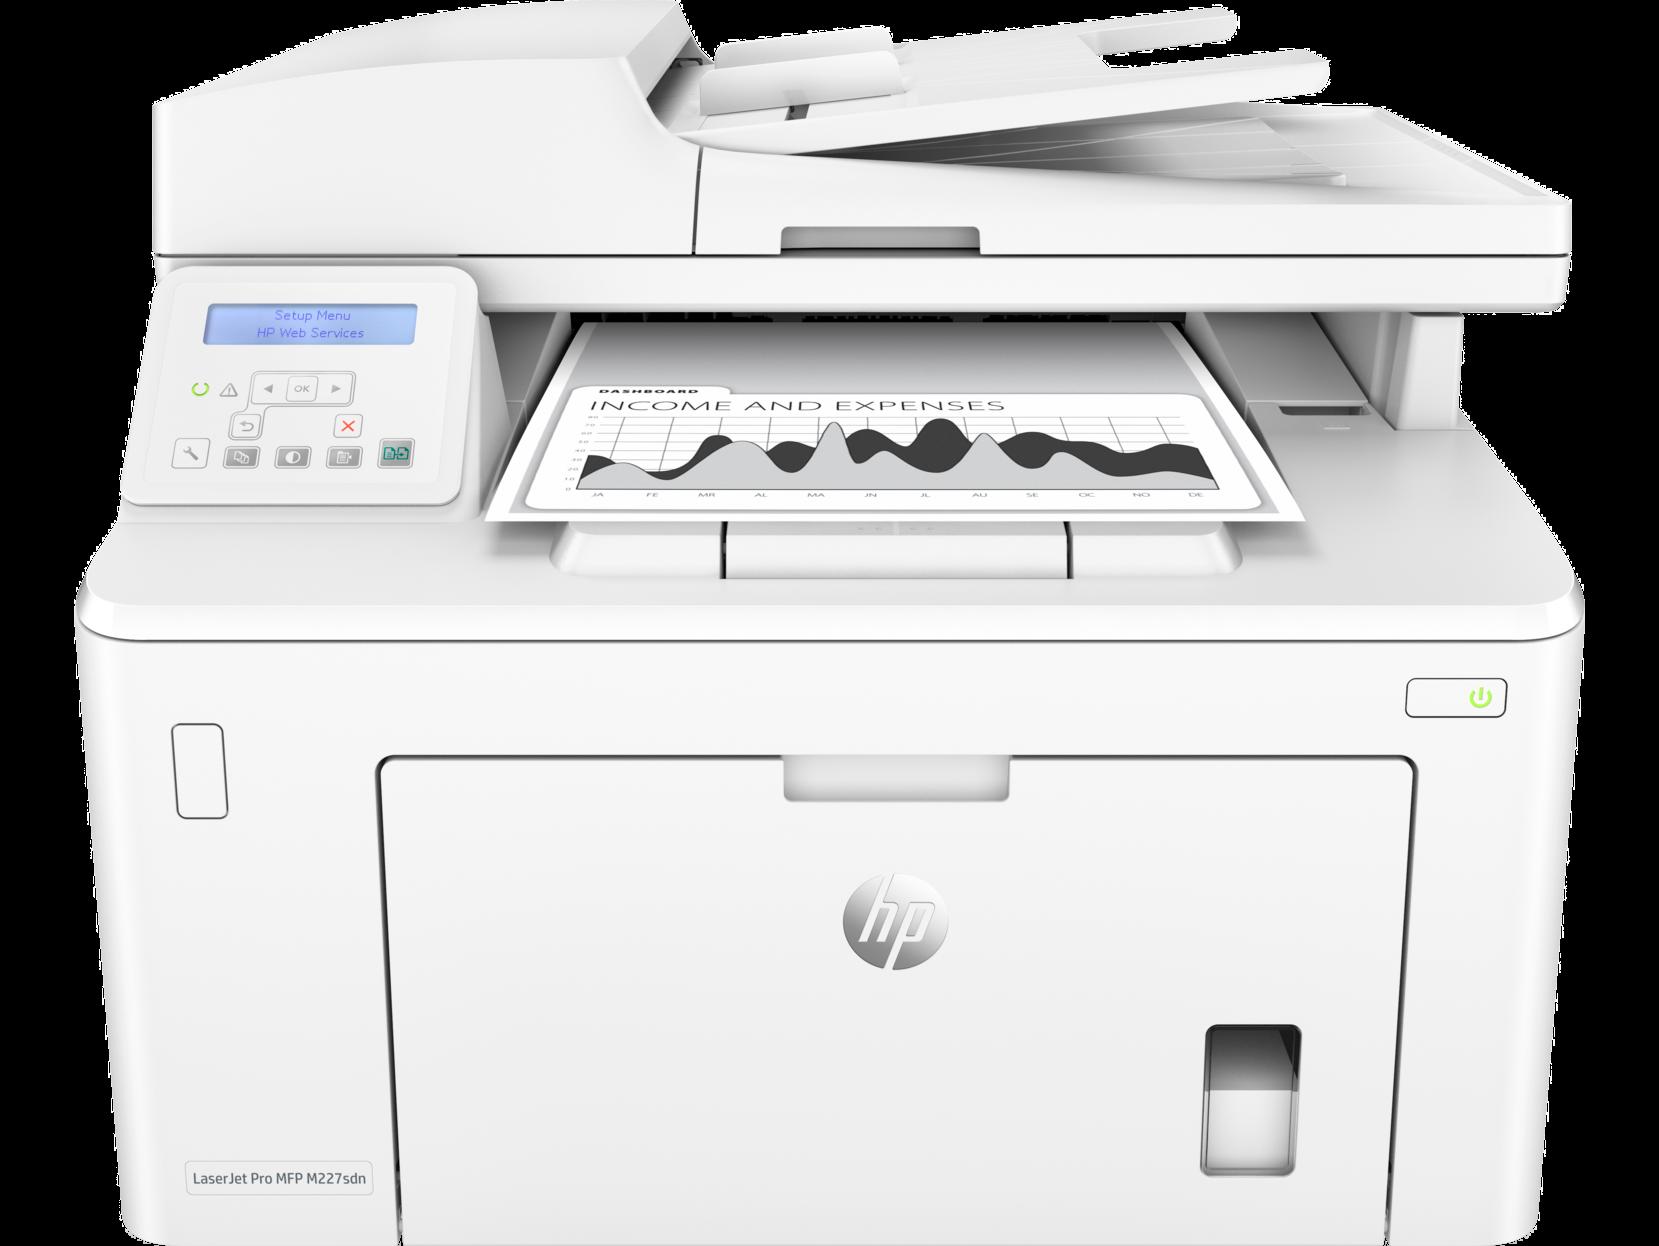 Máy in đa năng HP LaserJet Pro MFP M227sdn (in, scan, copy)